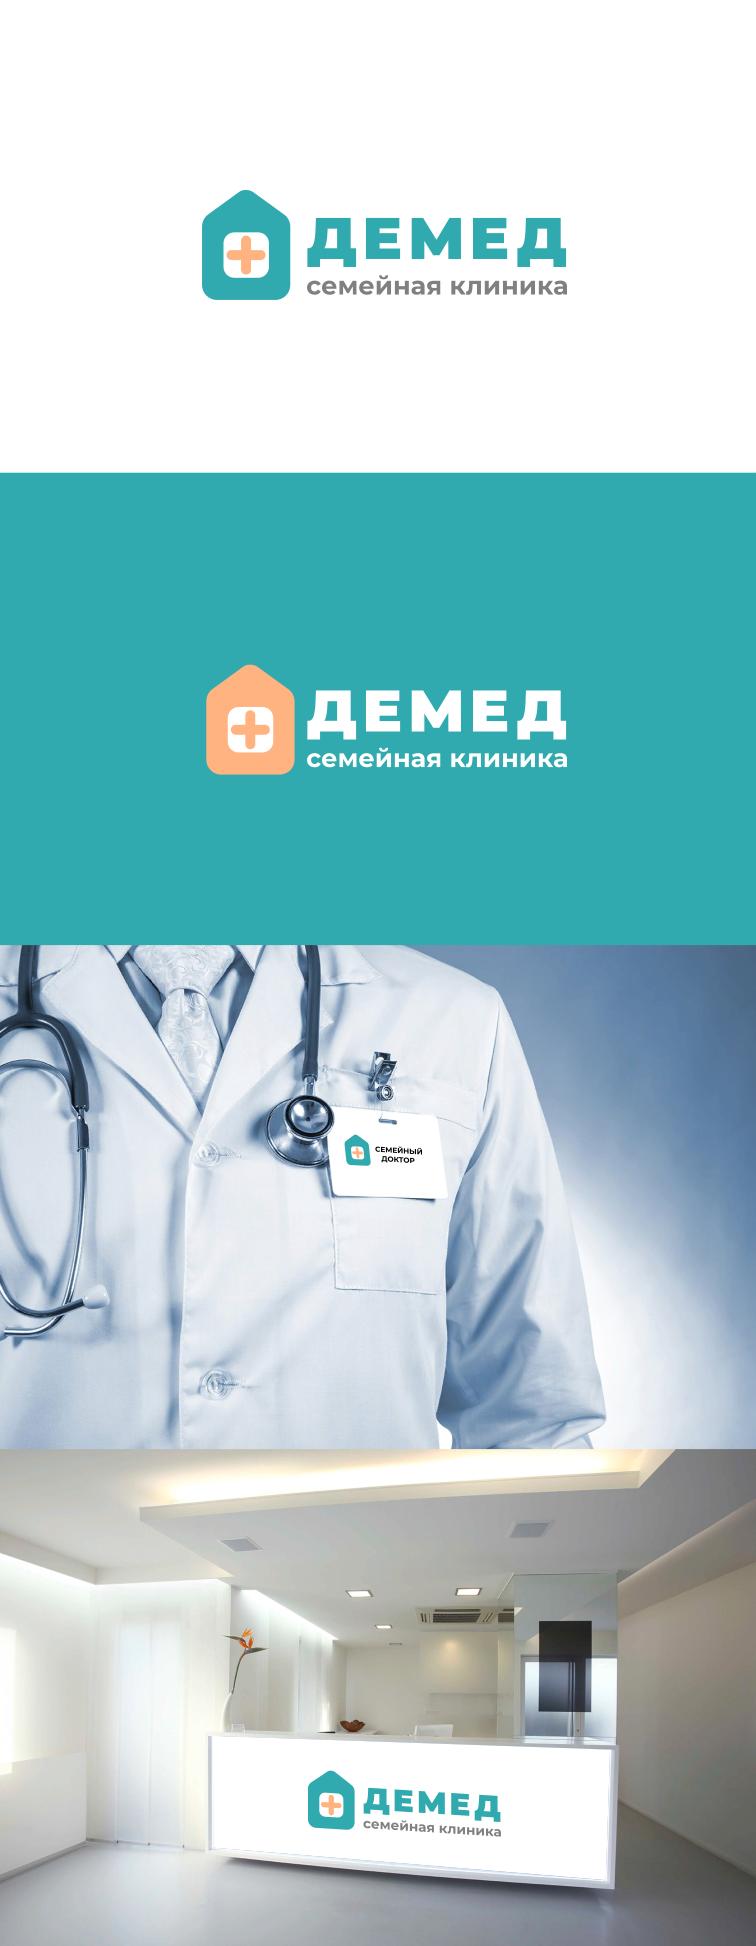 Логотип медицинского центра фото f_1785dcc324d902a5.png